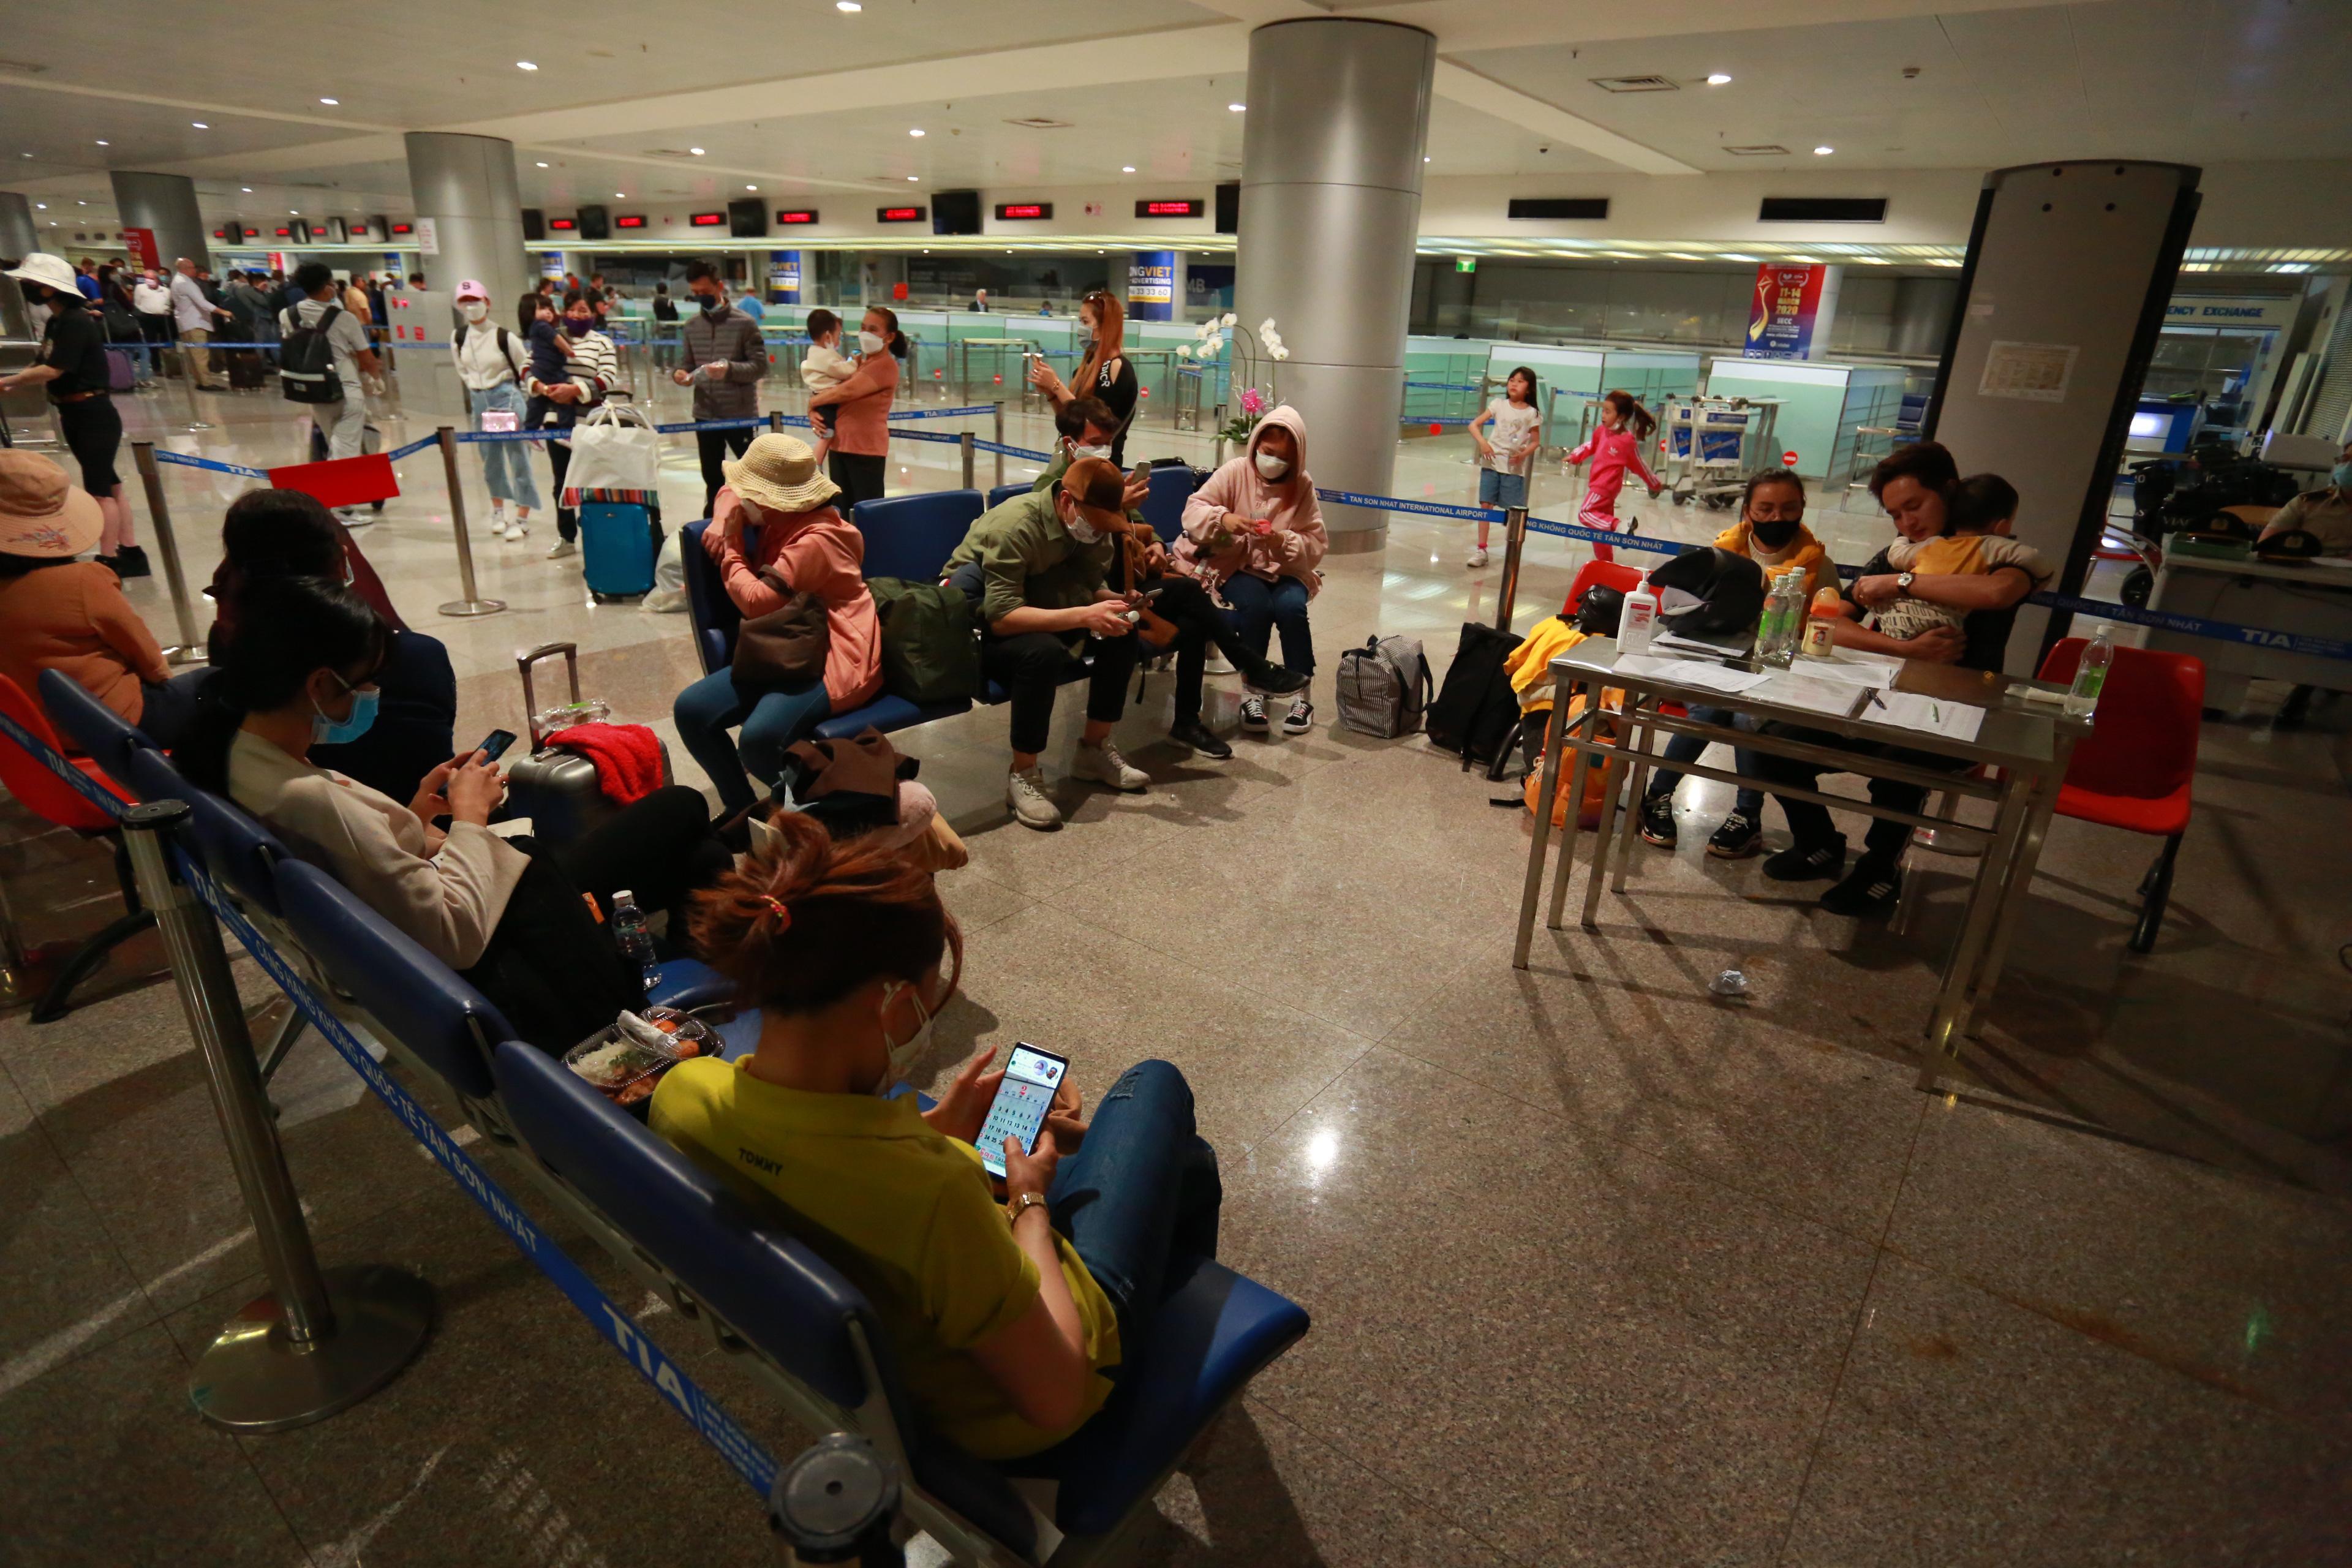 Một đoàn khách khoảng 20 người gồm cả người Việt Nam và Hàn Quốc đang chờ để di chuyển đến cơ sở y tế để cách ly, sau khi từ Hàn Quốc về sân bay Tân Sơn Nhất.